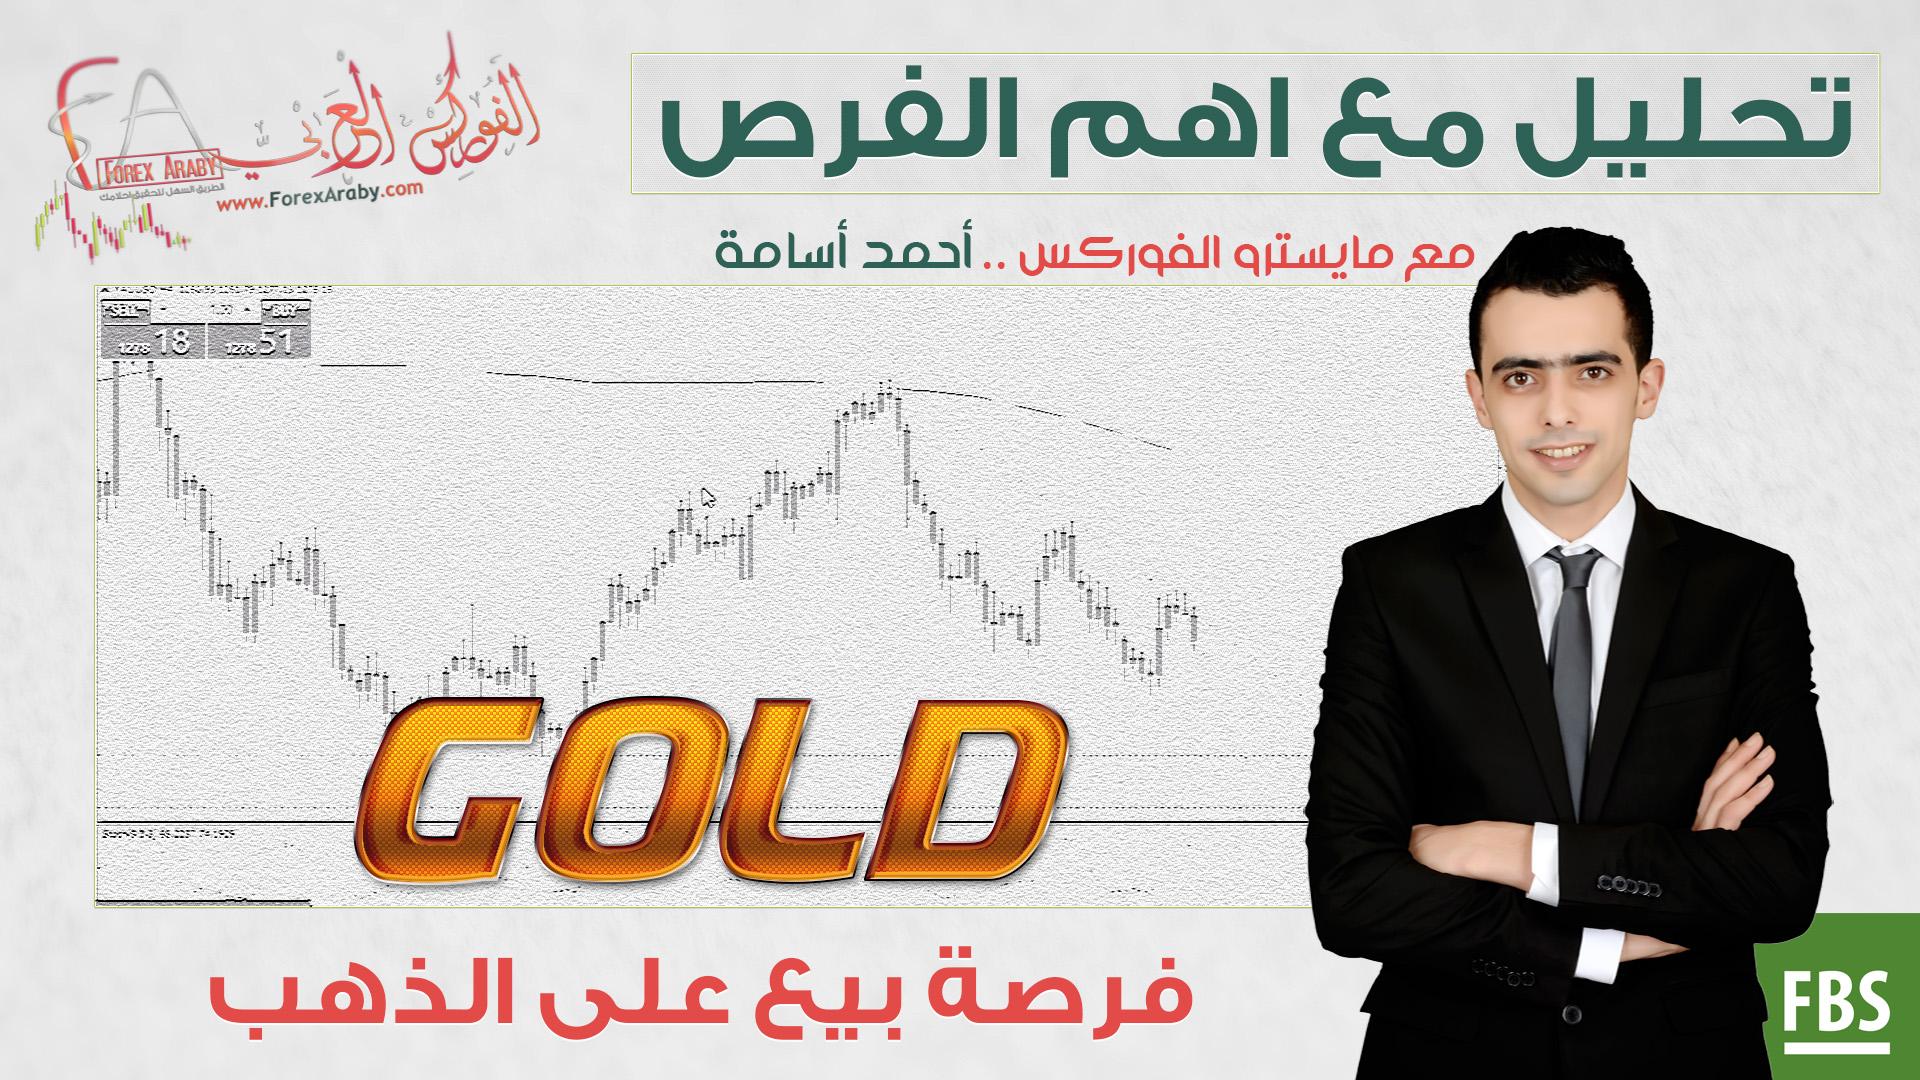 فرصة بيع على الذهب